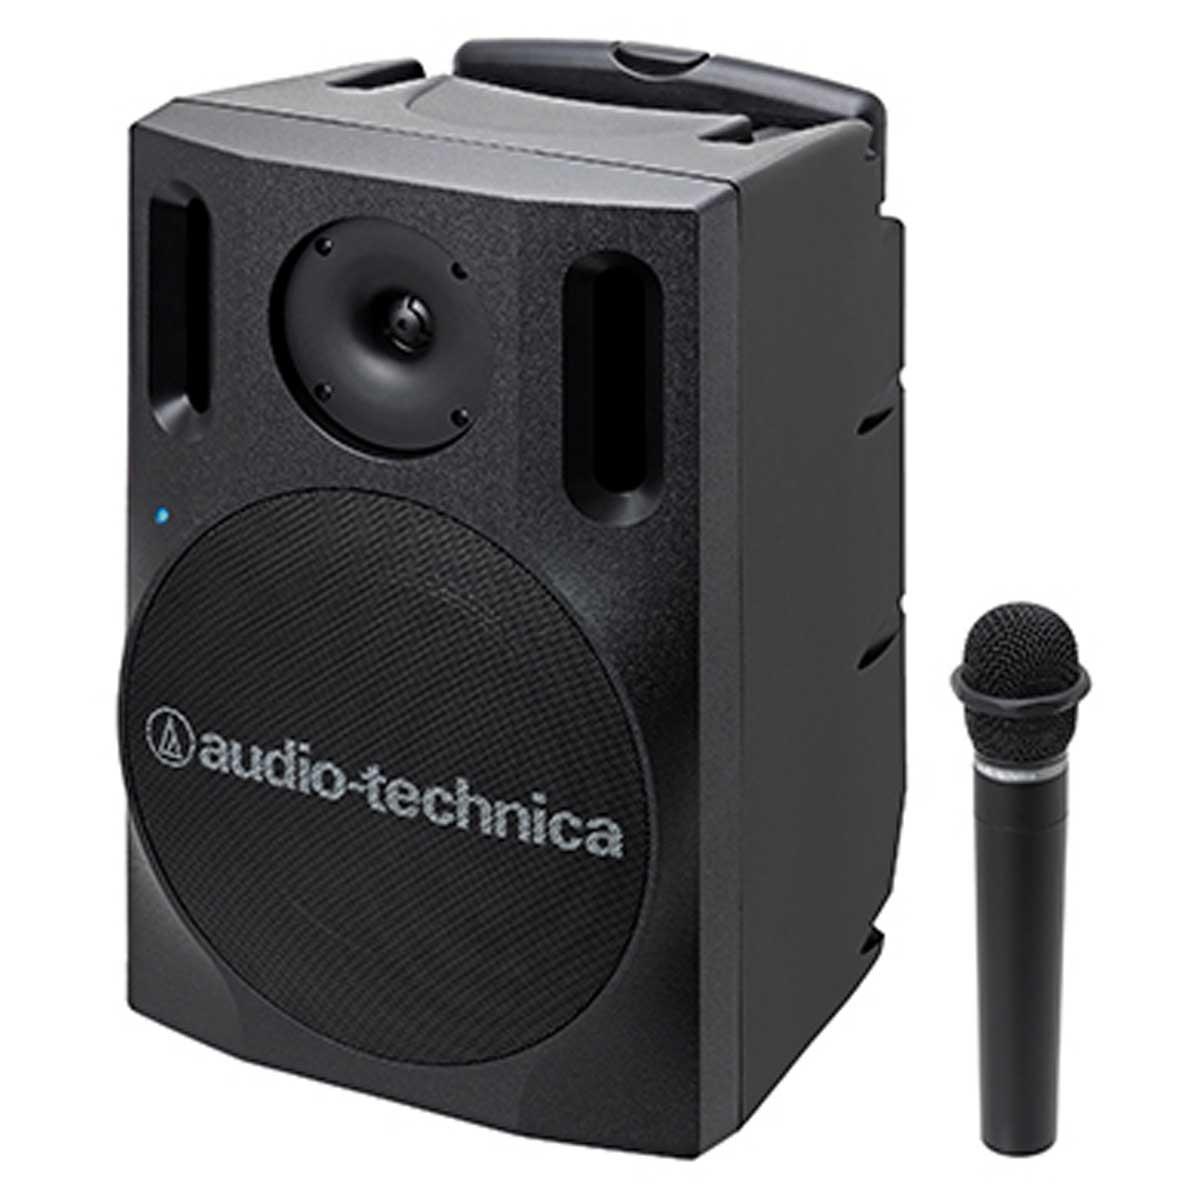 audio-technica オーディオテクニカ / ATW-SP1920/MIC デジタルワイヤレスアンプシステム (マイク付属)【お取り寄せ商品】